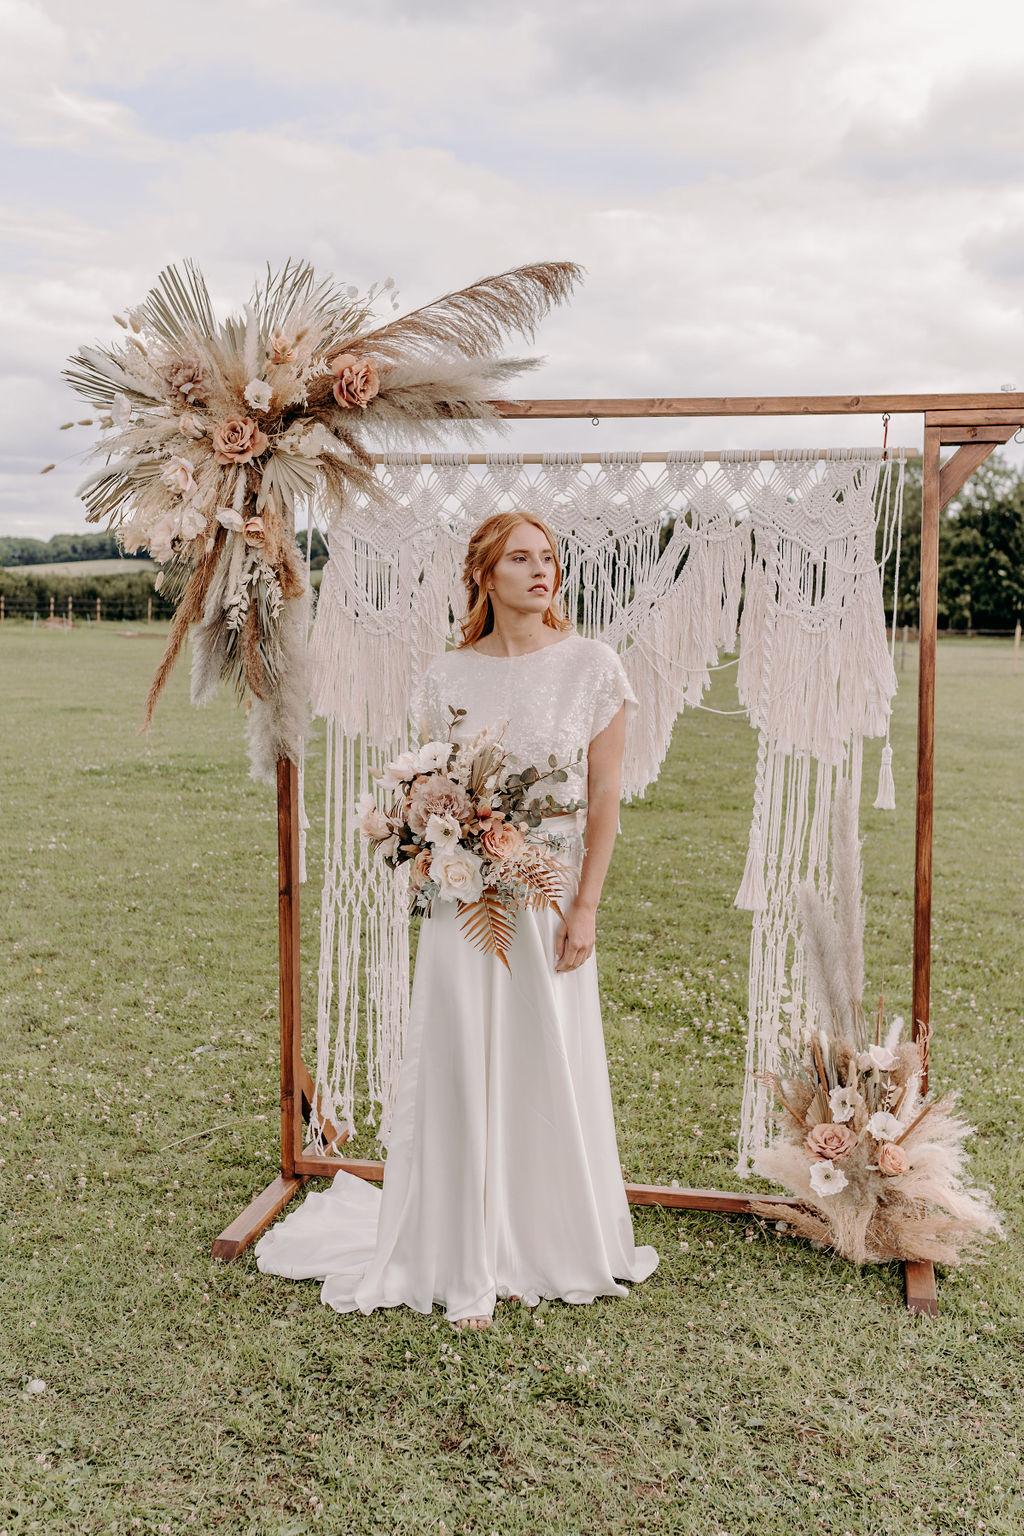 sustainable boho wedding - macrame wedding backdrop - boho wedding flowers - bohemian bridal wear - sustainable wedding